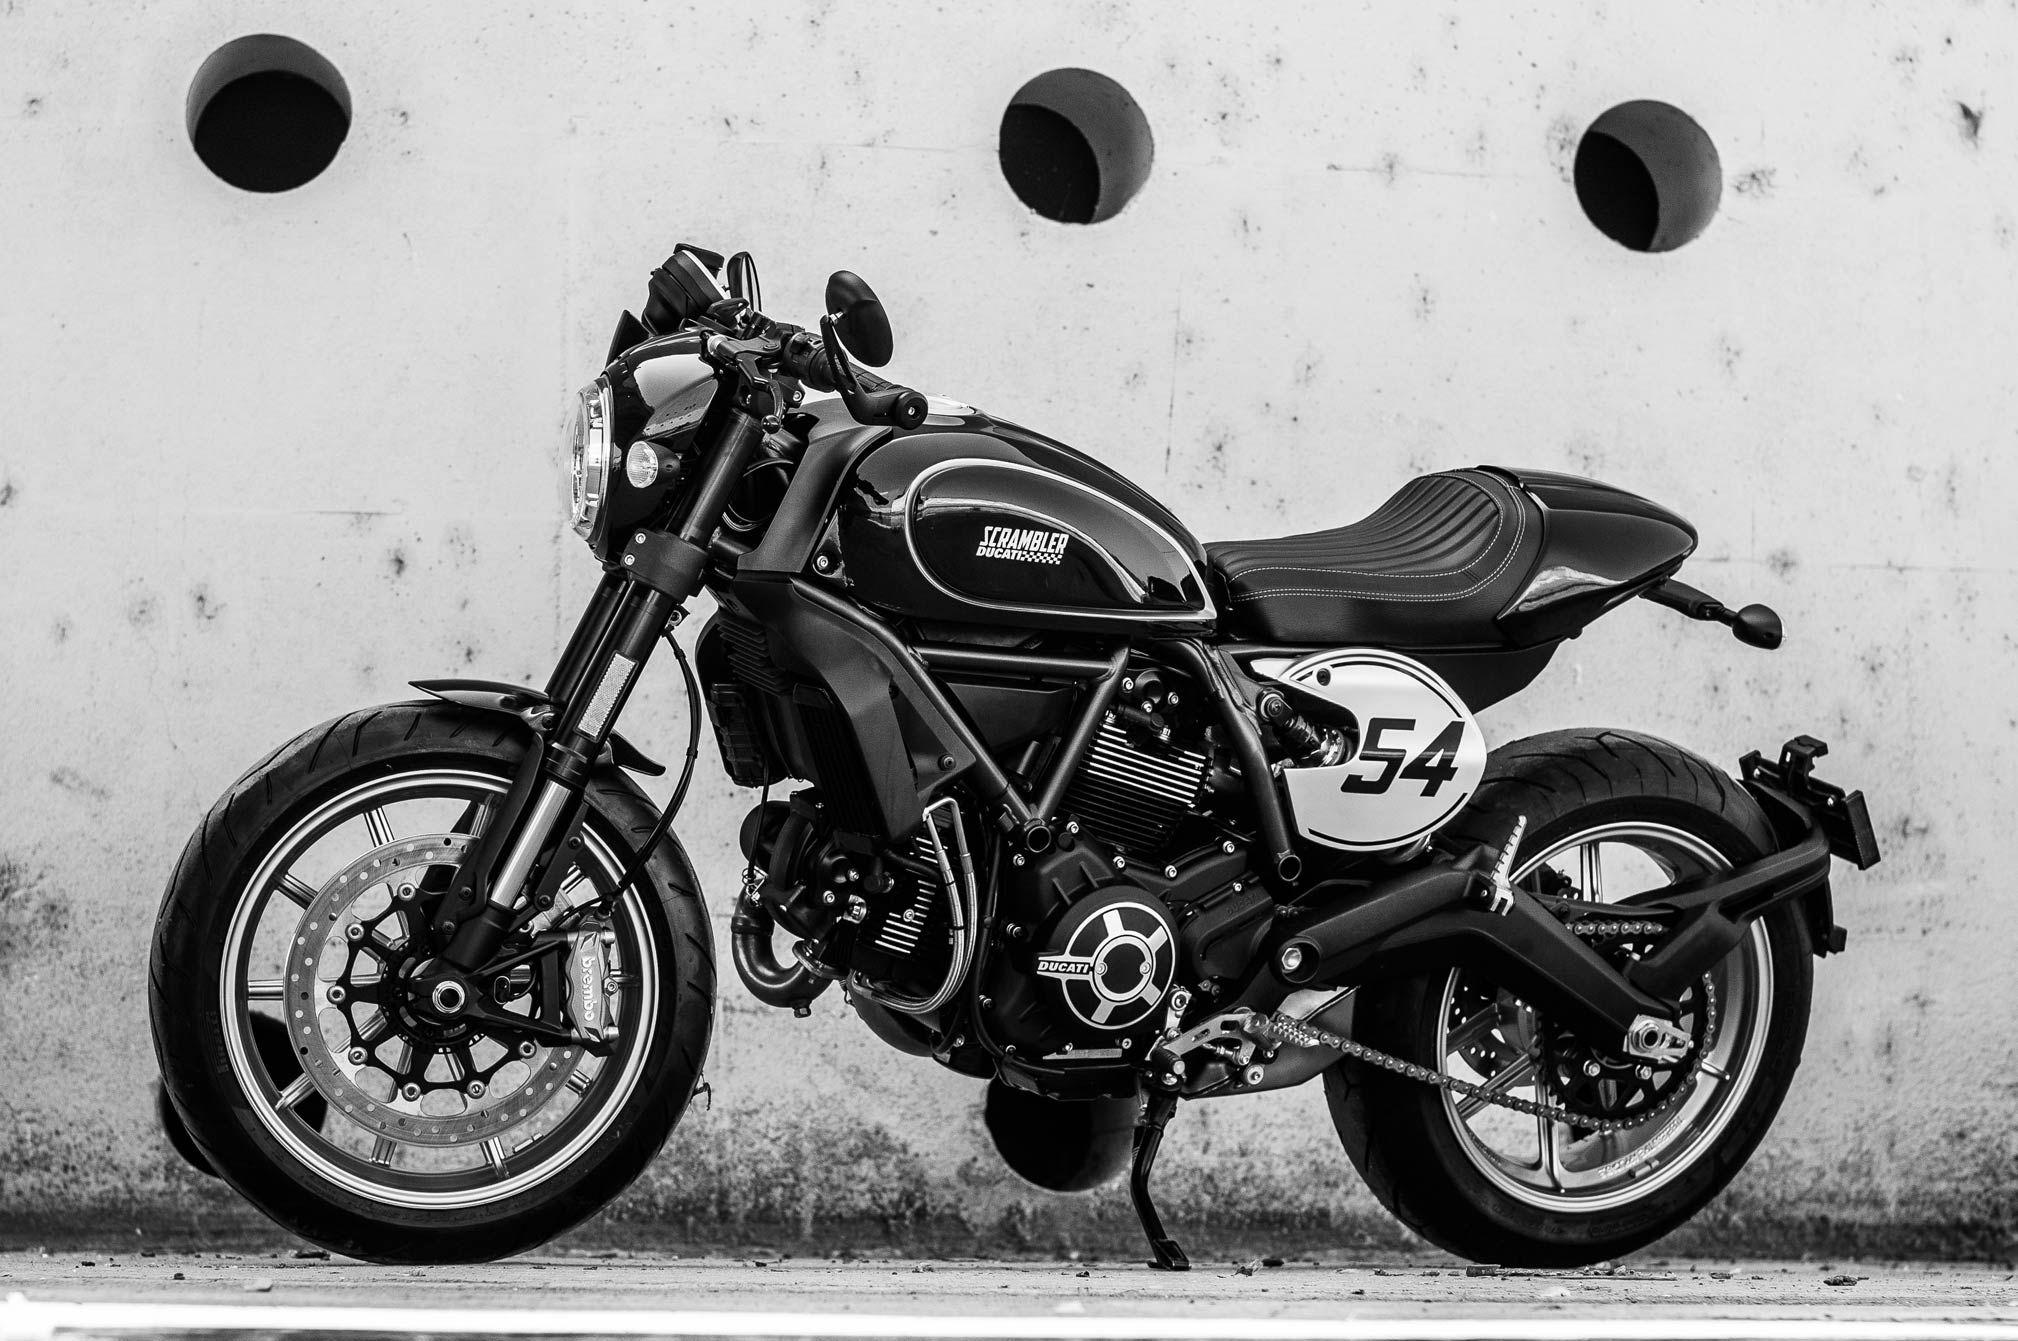 2018 Ducati Scrambler Cafe Racer Review Ducati Scrambler Ducati Cafe Racer Cafe Racer